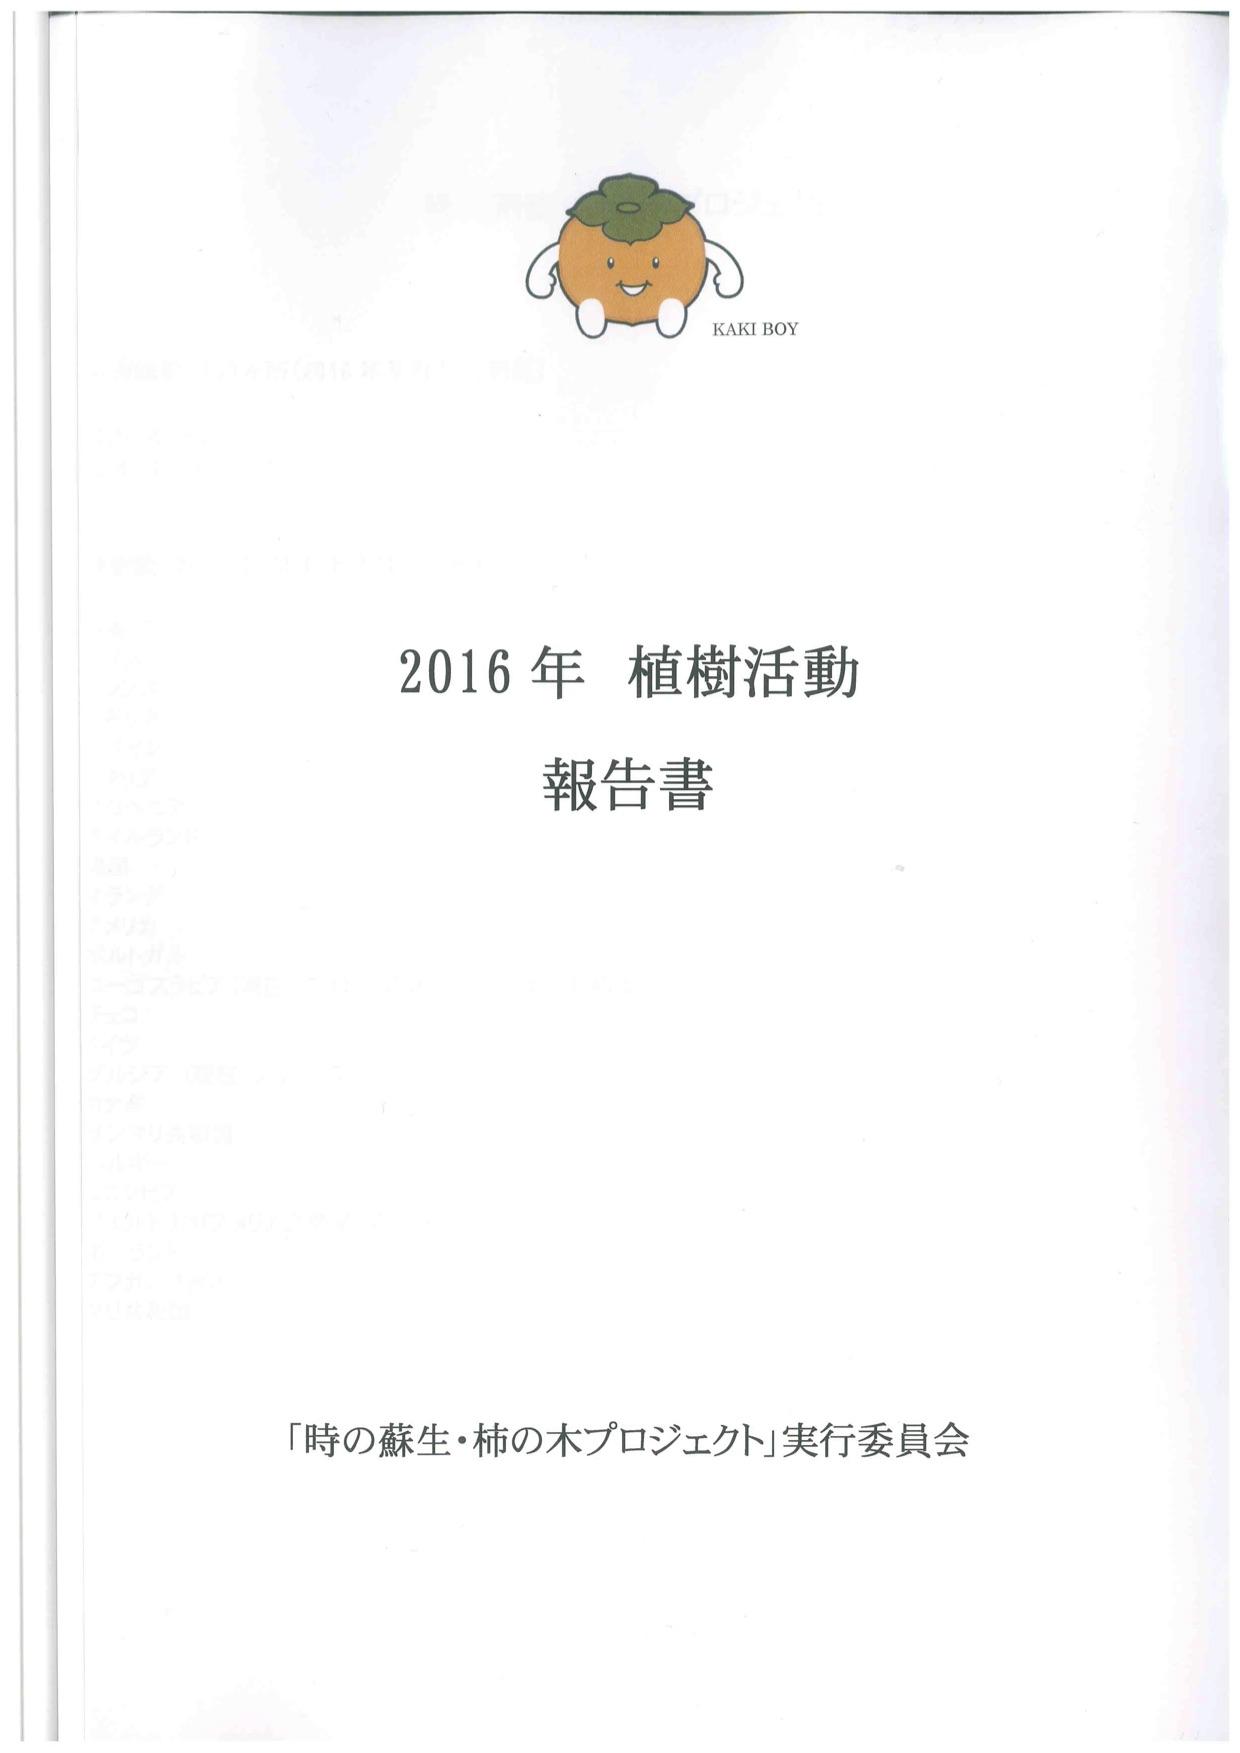 2016年 植樹活動 報告書